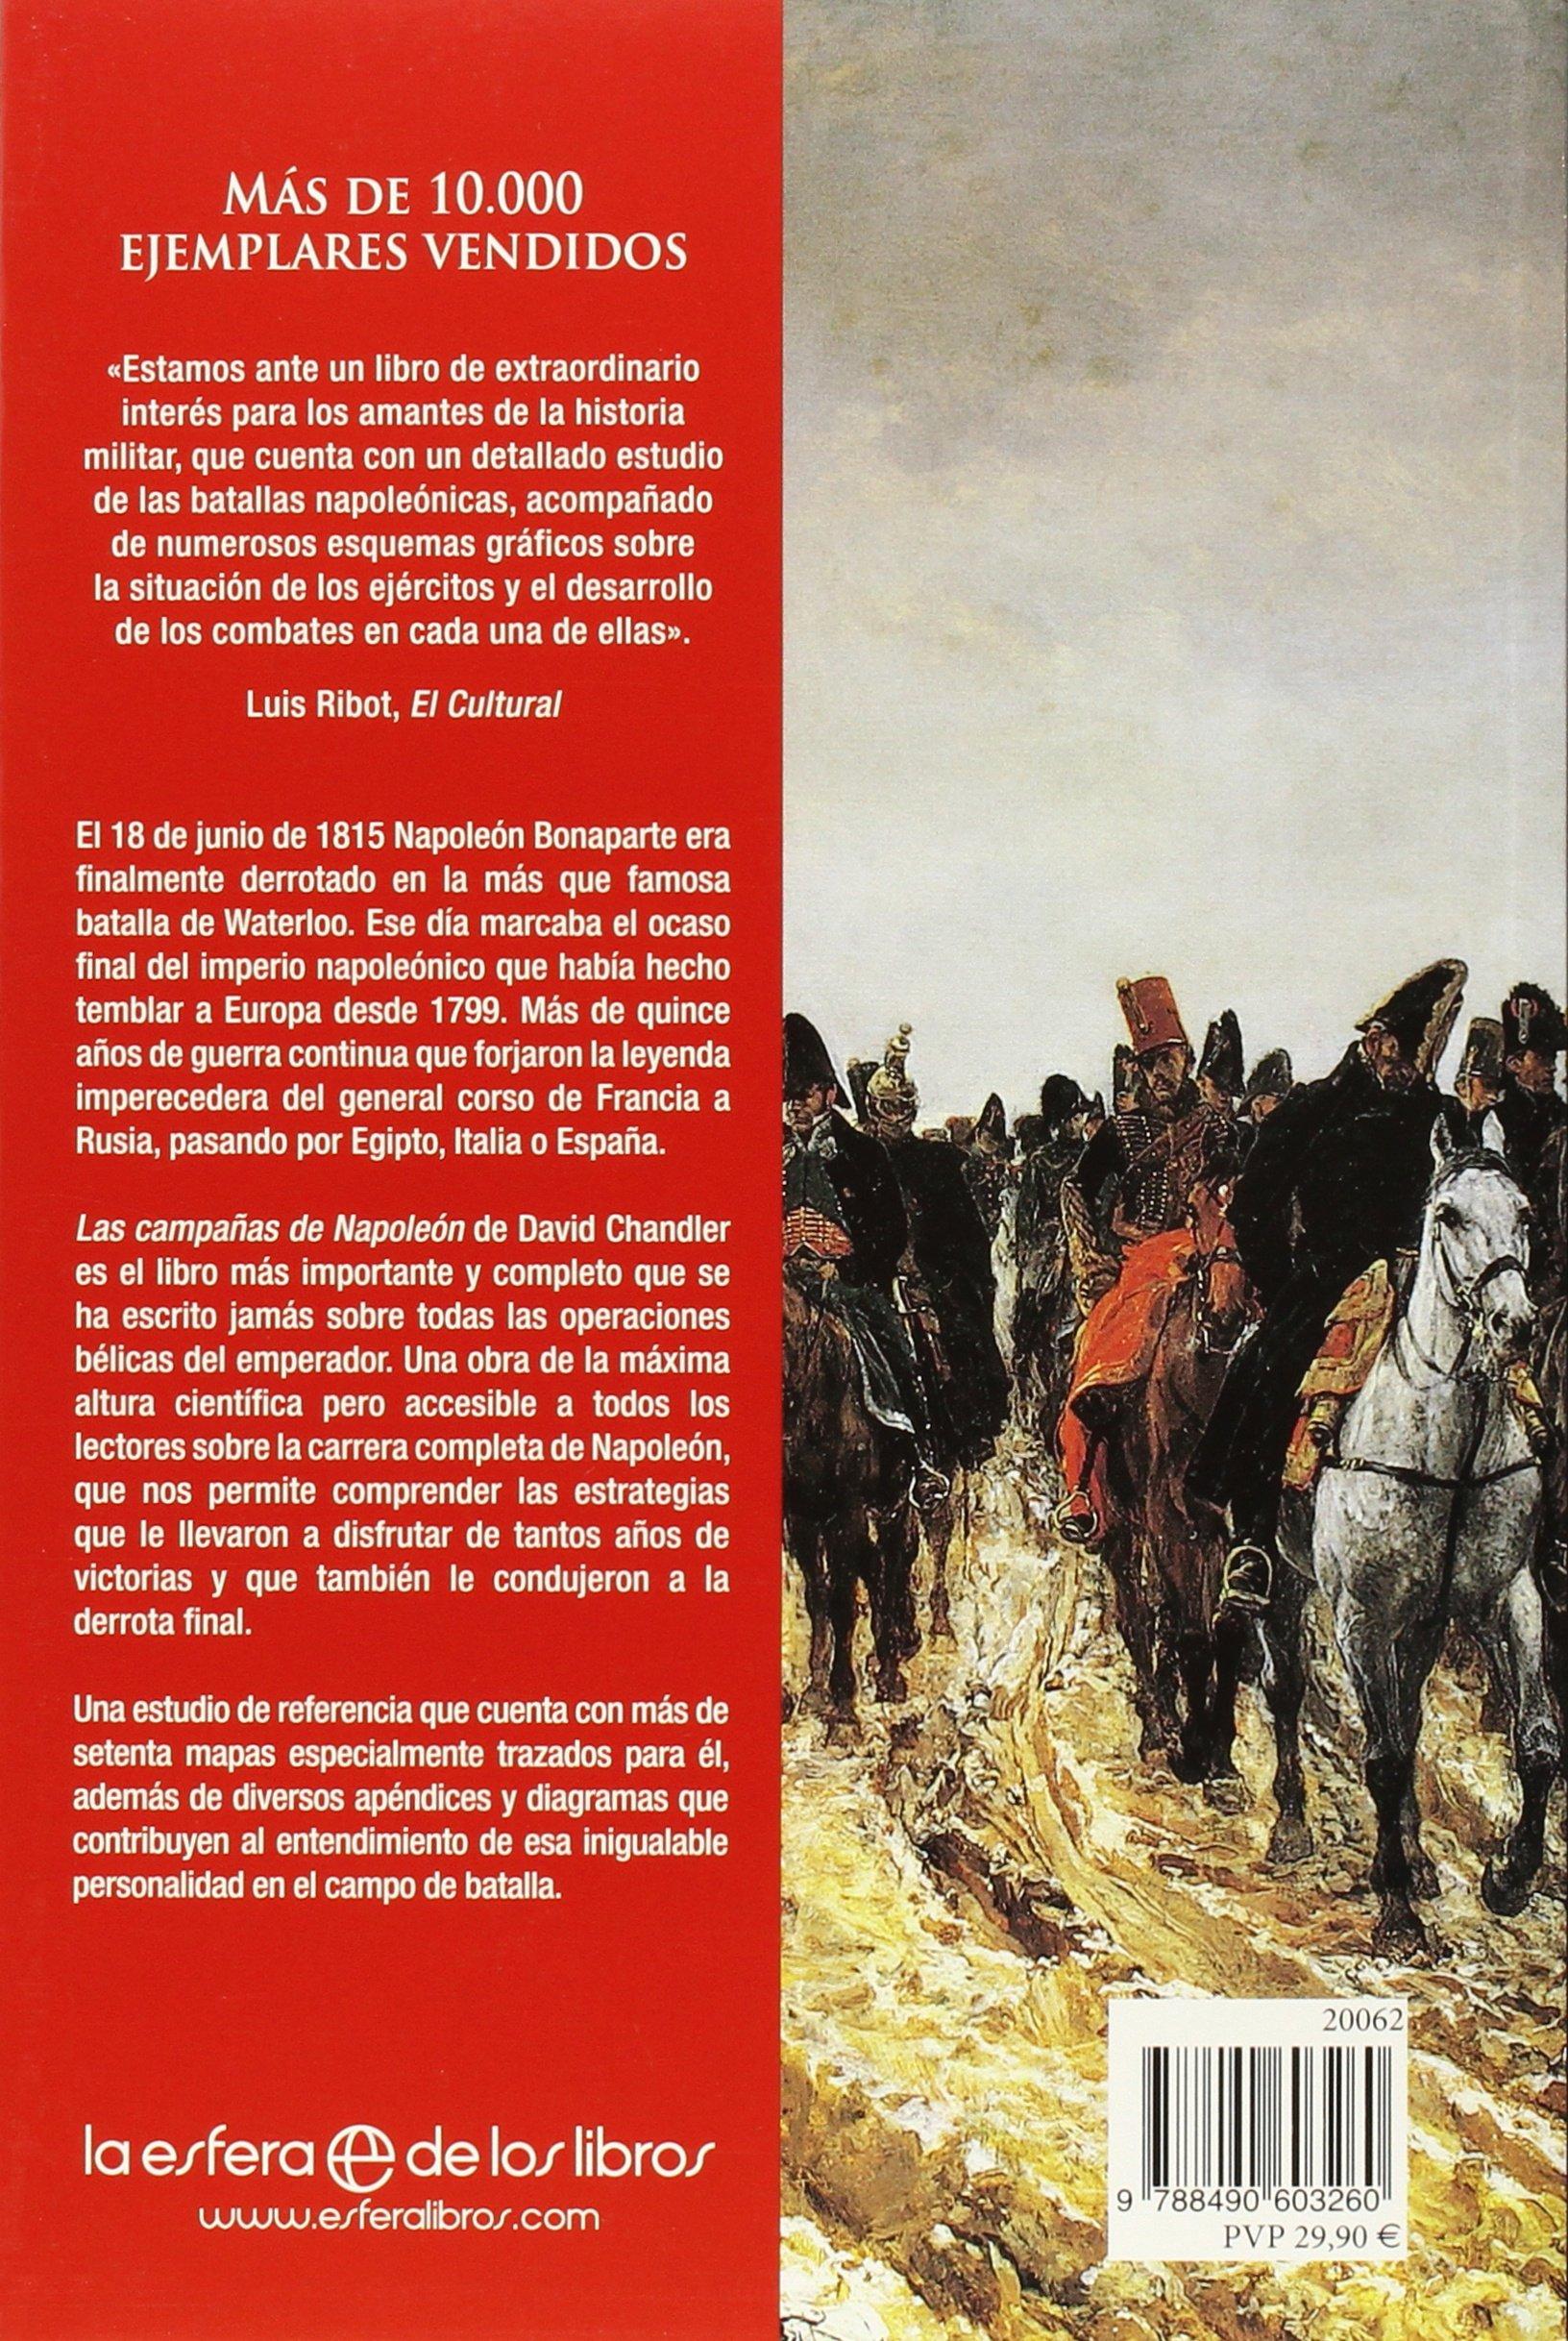 Las Campañas De Napoleón (Historia): Amazon.es: Chandler, David, Cifuentes Cifuentes, Rosa, Fernández- Vitorio, Carlos y Francisco: Libros